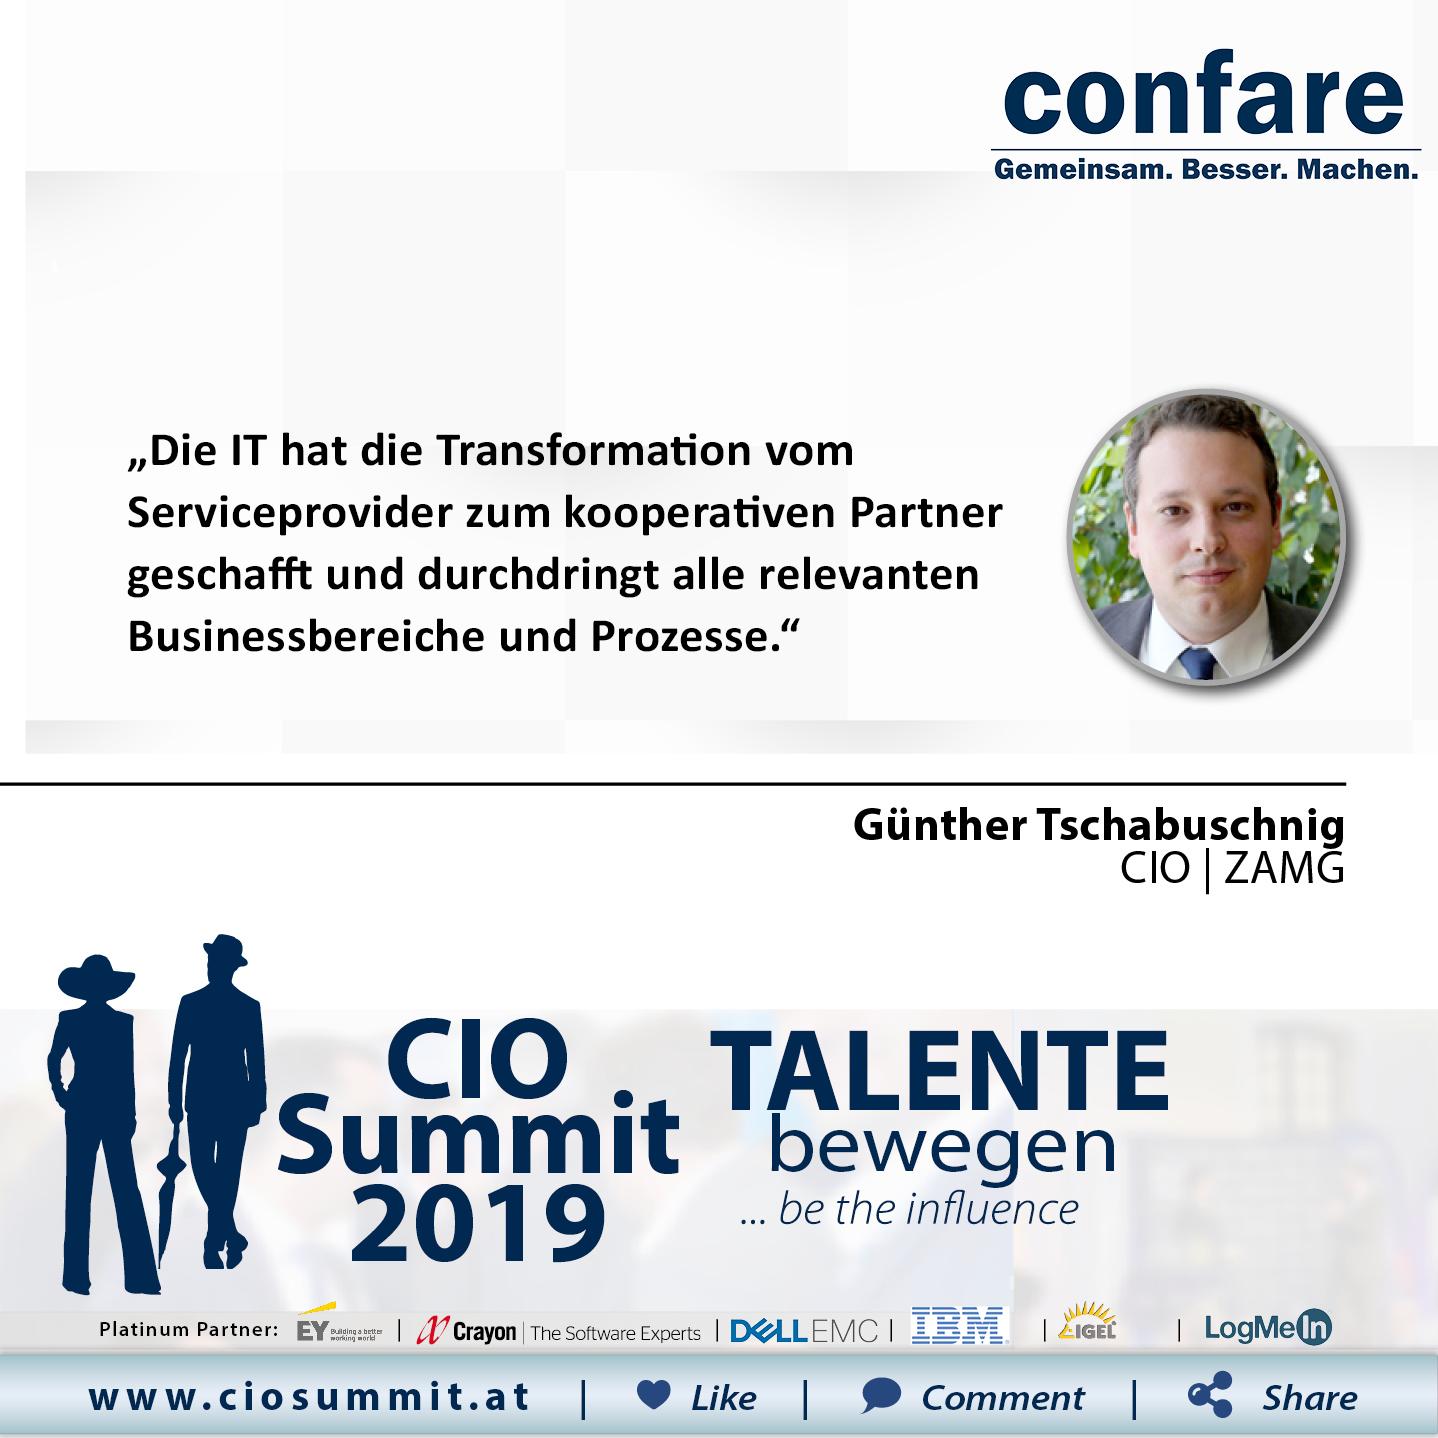 Meme CIO Summit 2019 - Tschabuschnig01